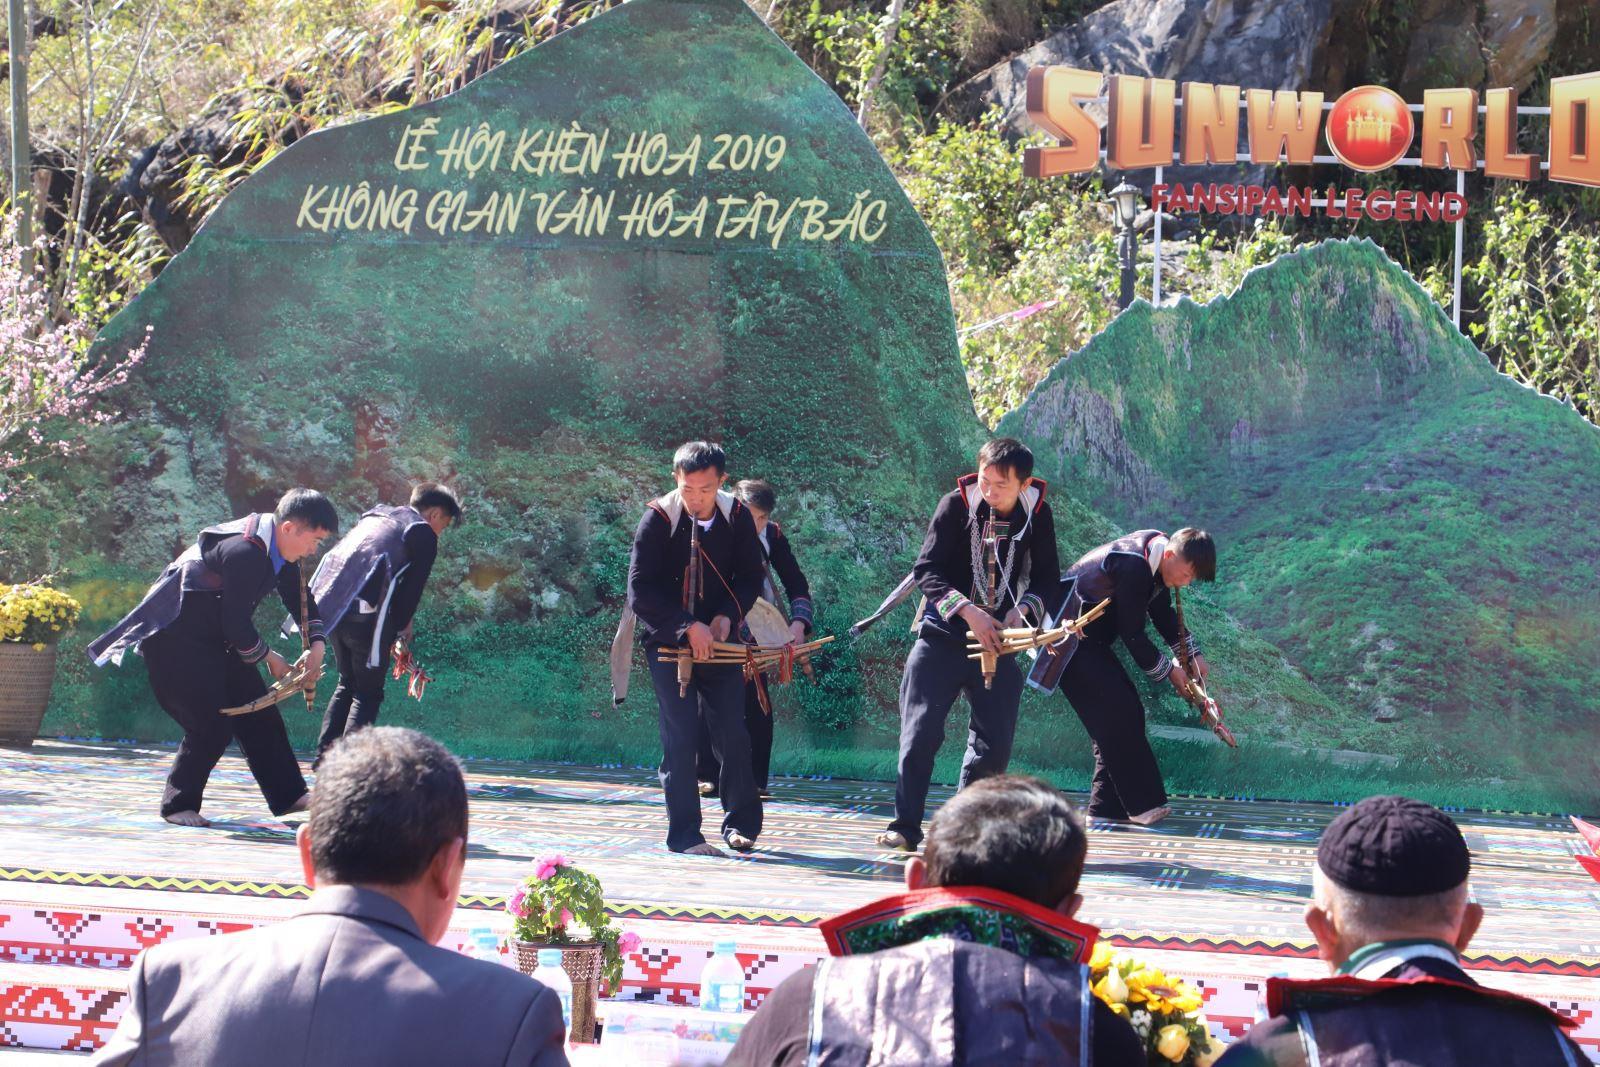 Tưng bừng Lễ hội Khèn hoa và Hội Xuân mở cổng trời Fansipan 2019